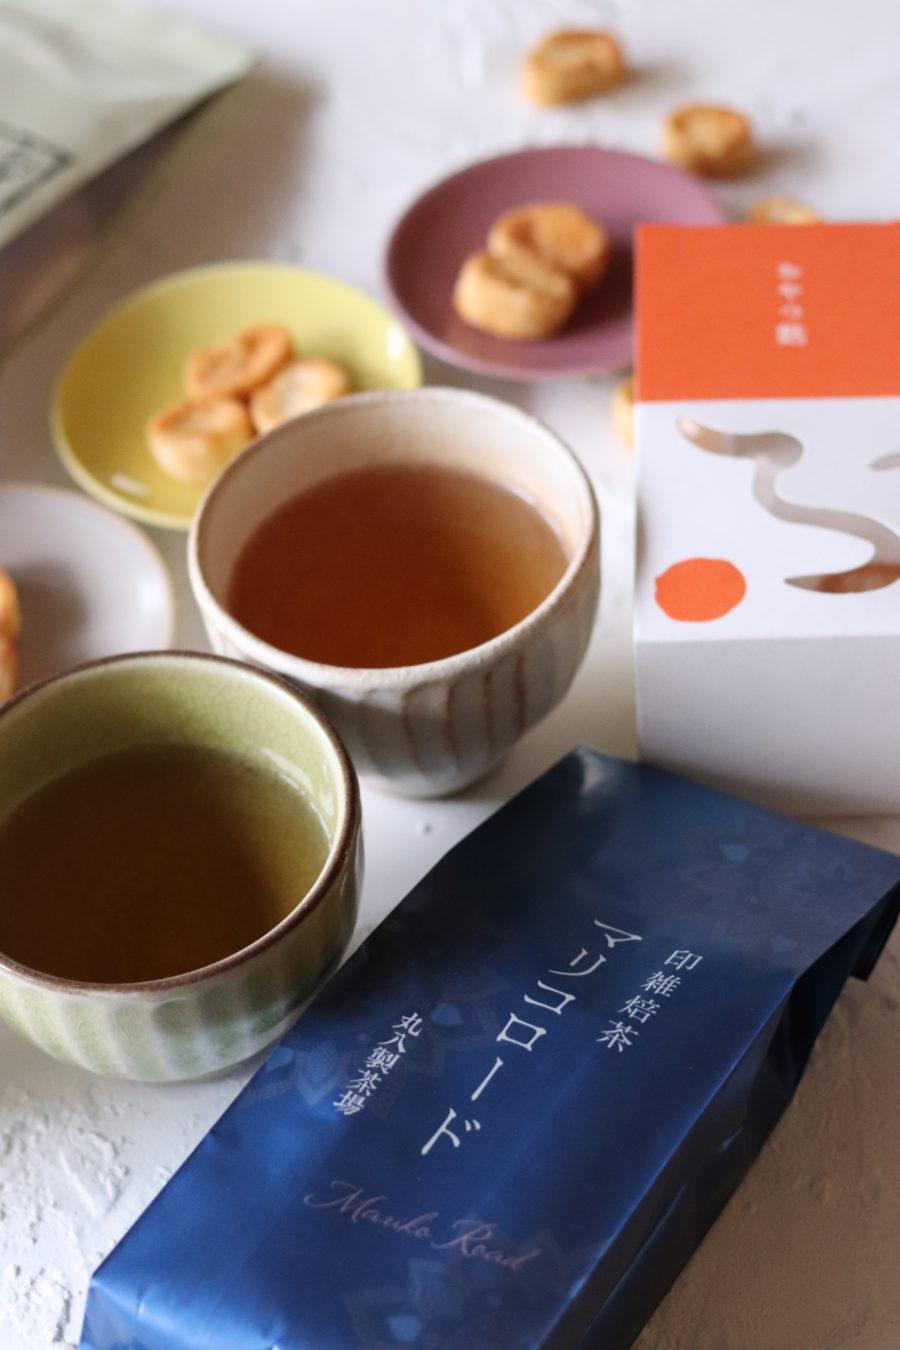 加賀棒茶・丸八製茶場のマリコロードがマイブーム